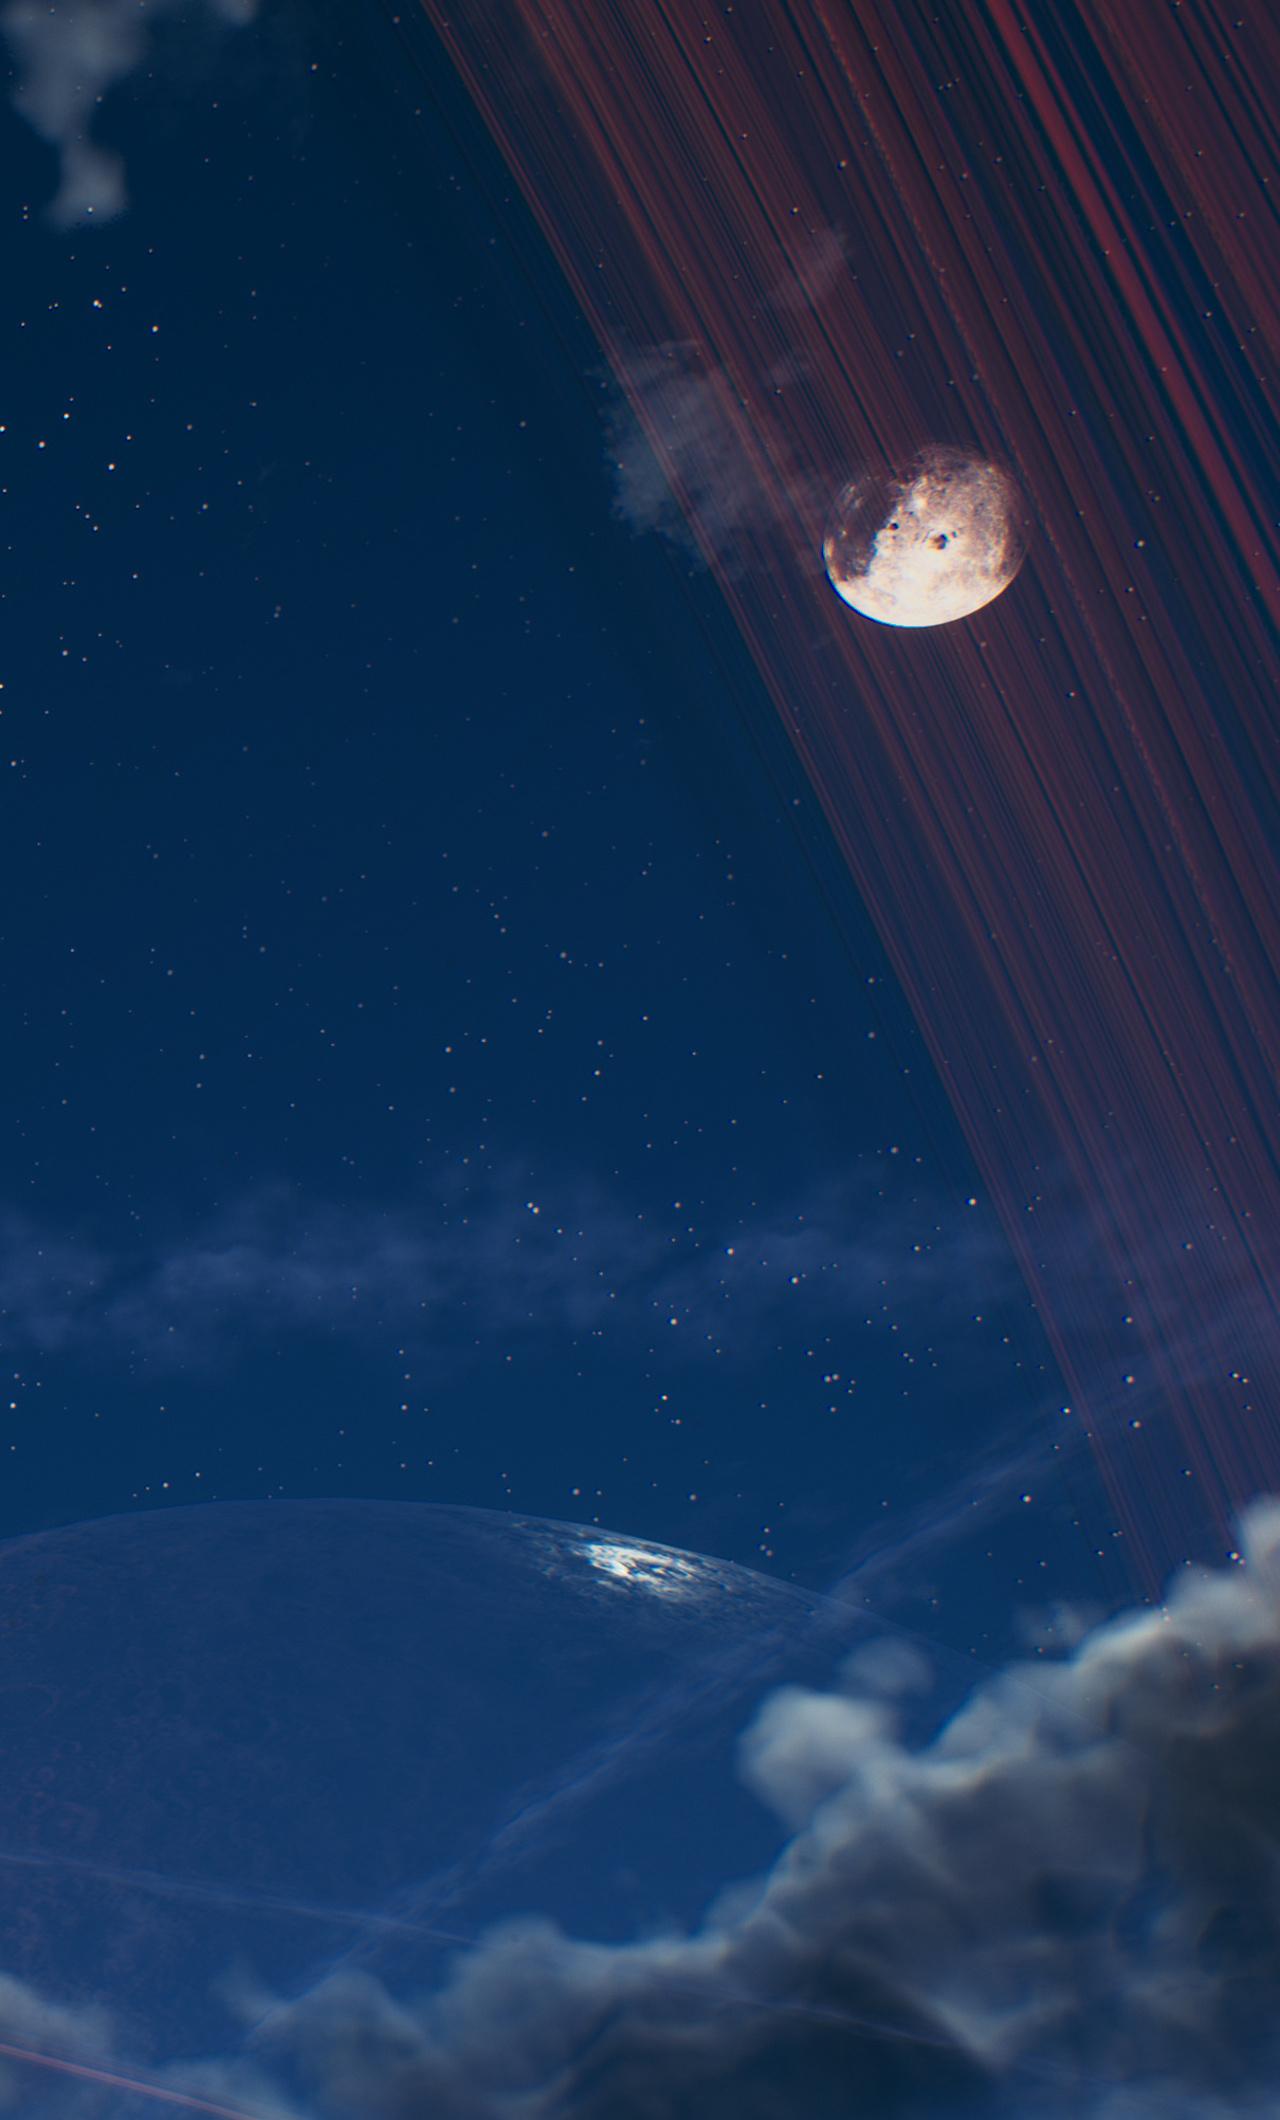 planet-outer-world-4k-4m.jpg